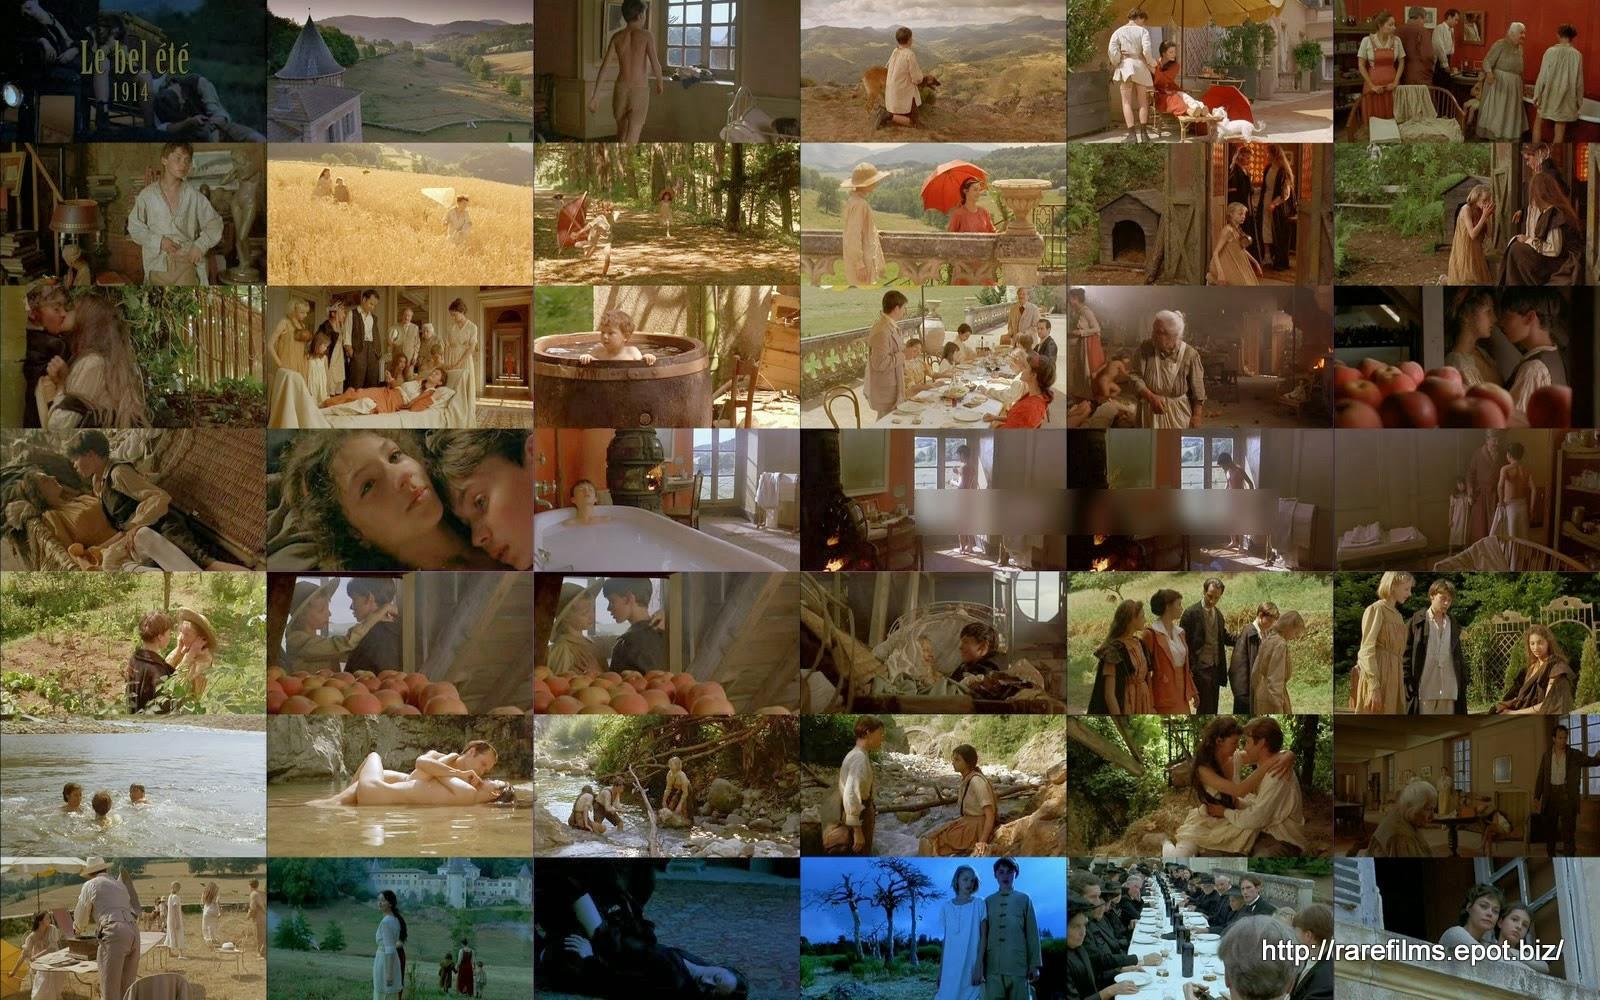 Le bel été 1914 / 1914 the Glorious Summer. 1996.